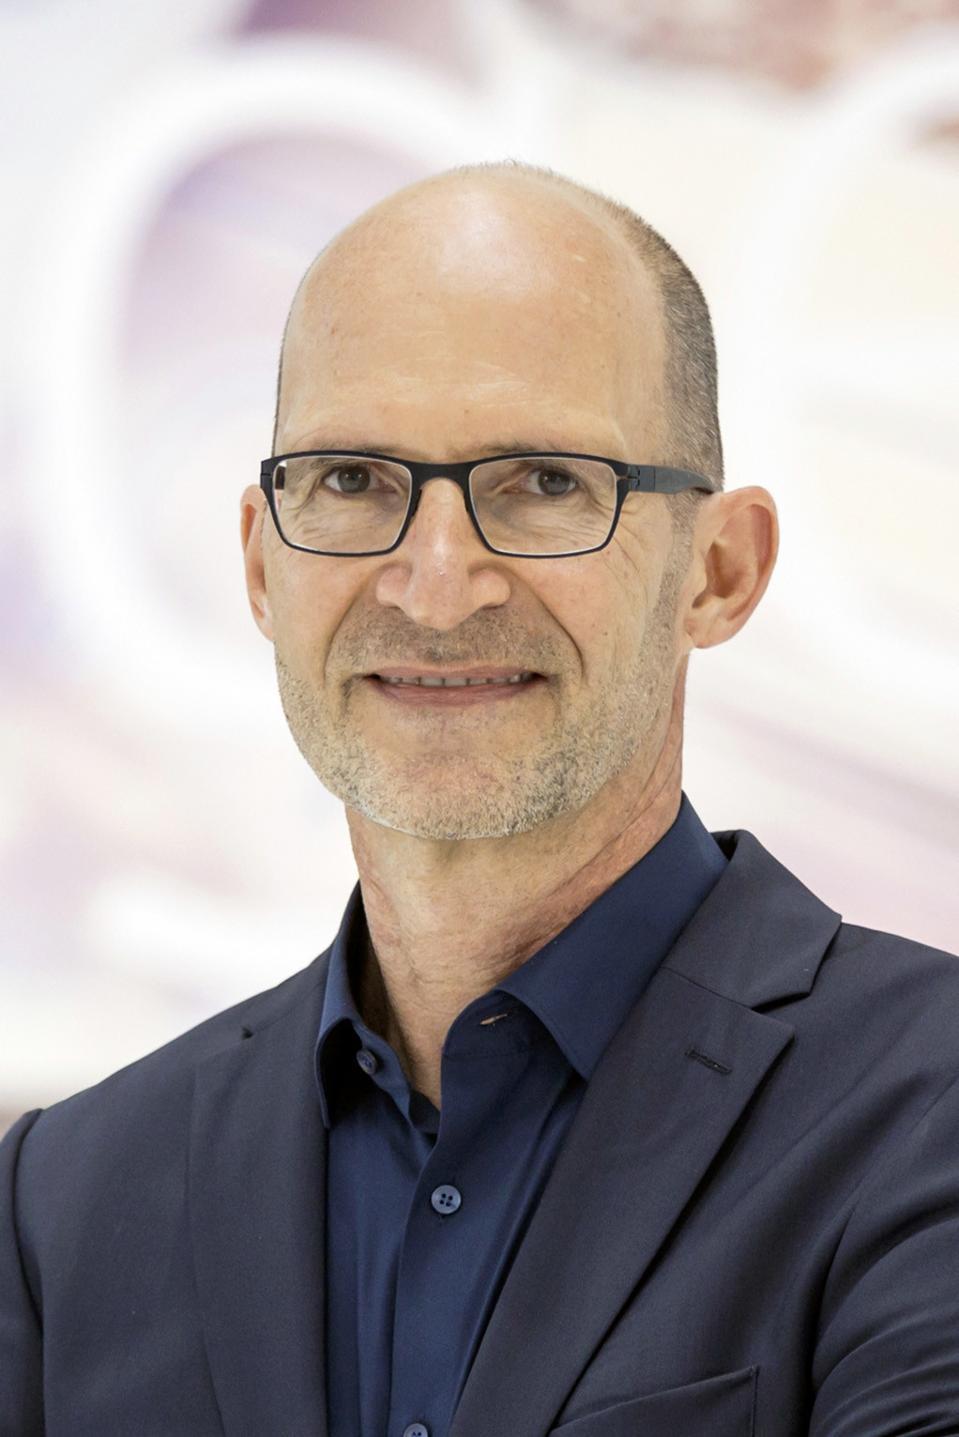 Klaus Bischoff shift to Volkswagen Group design boss created the job vacancy for Kaban.